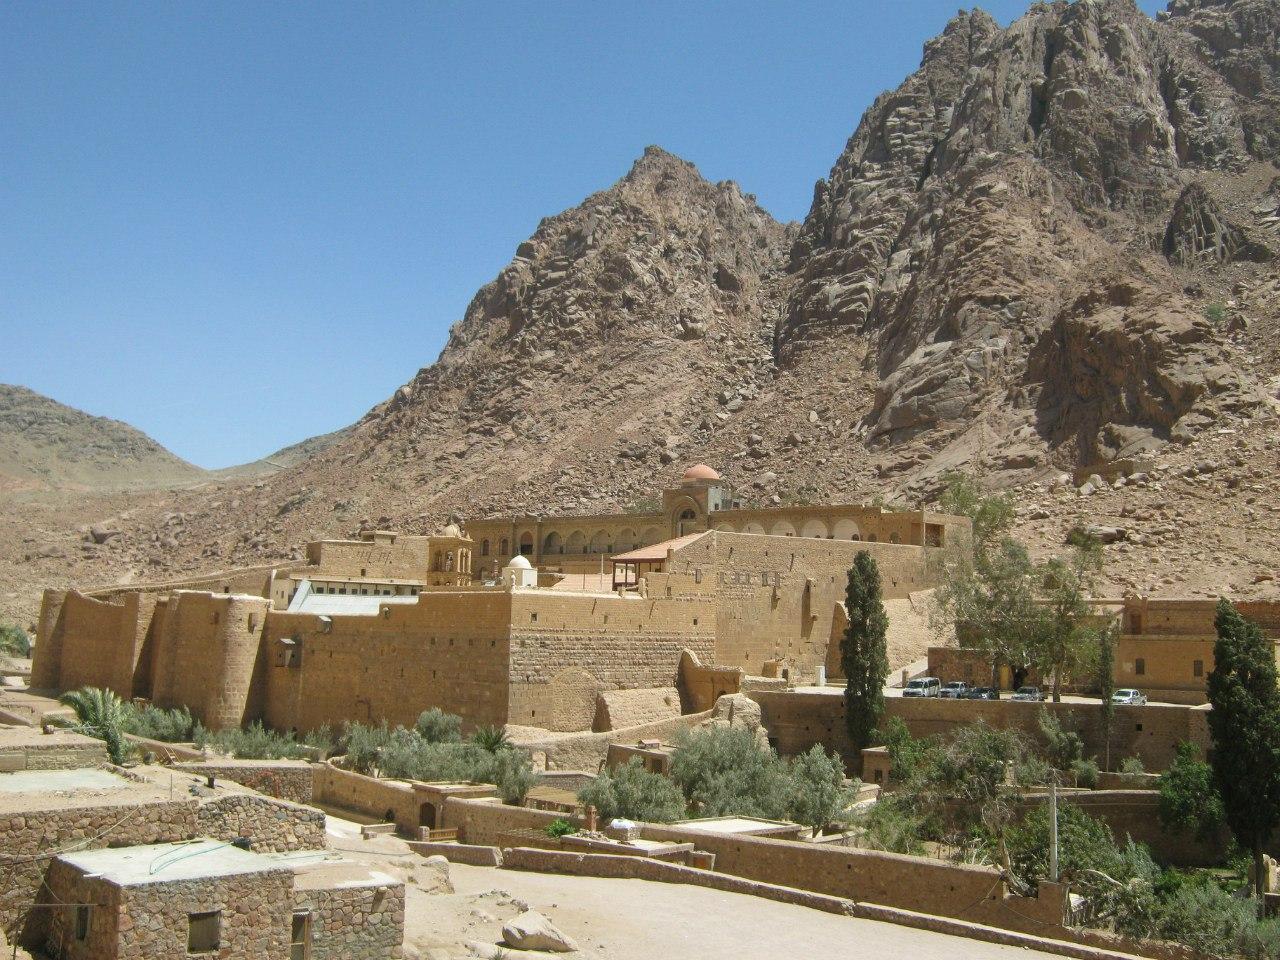 крепостные стены монастыря Святой Катерины